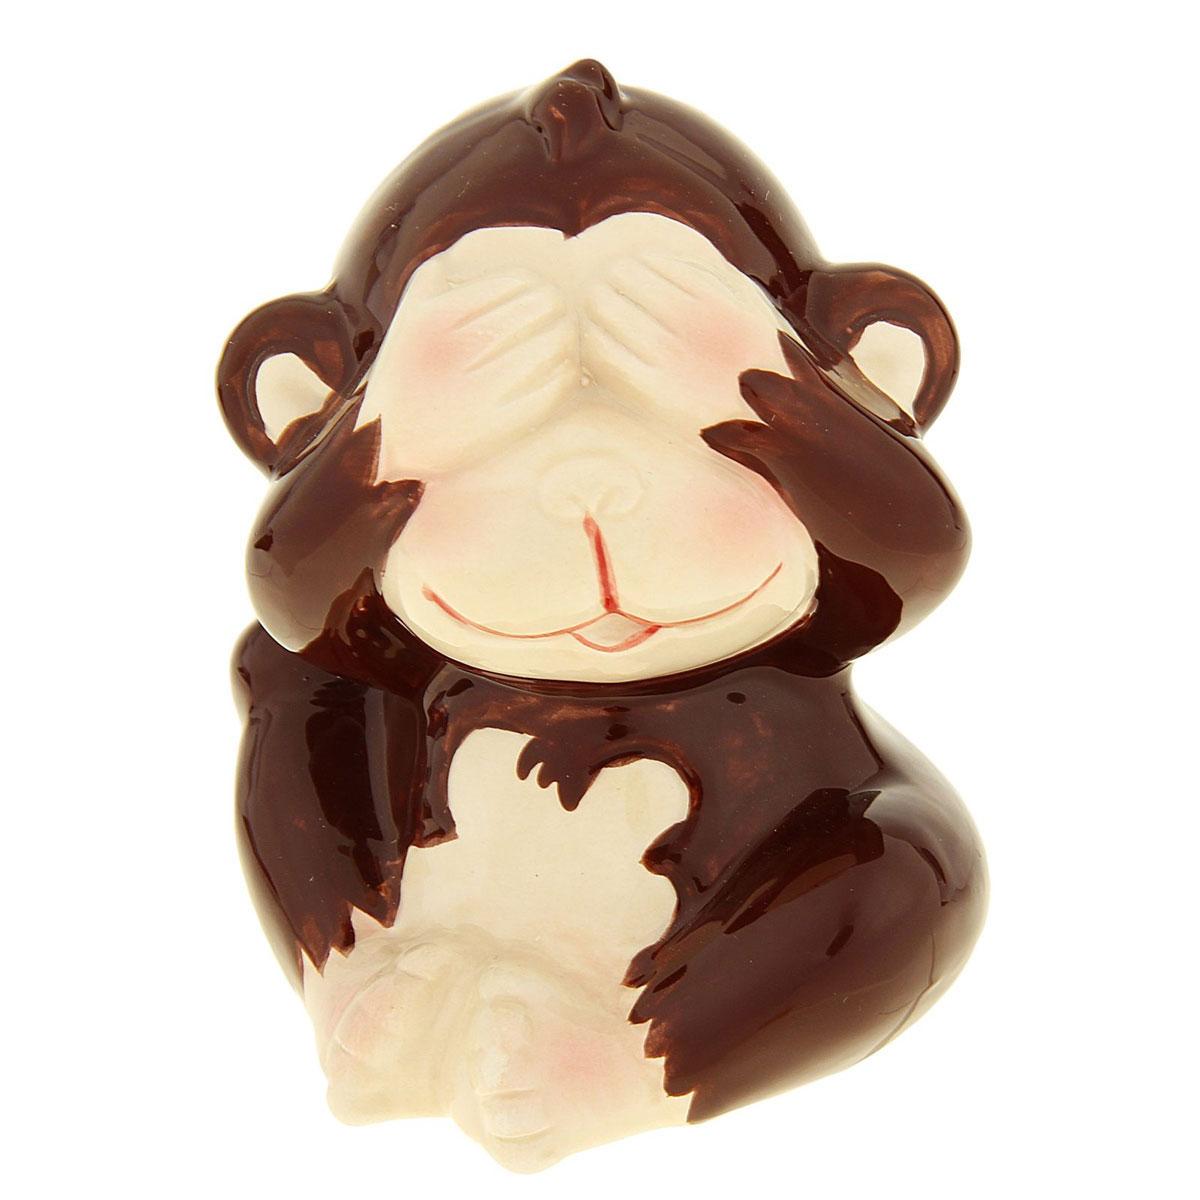 Сувенир Sima-land Обезьянка игривая, высота 8,5 смБрелок для ключейСувенир Sima-land Обезьянка игривая выполнен из высококачественной керамики в виде забавной обезьянки, закрывающей лапками глаза. Такой сувенир станет отличным подарком родным или друзьям на Новый год, а также он украсит интерьер вашего дома или офиса.